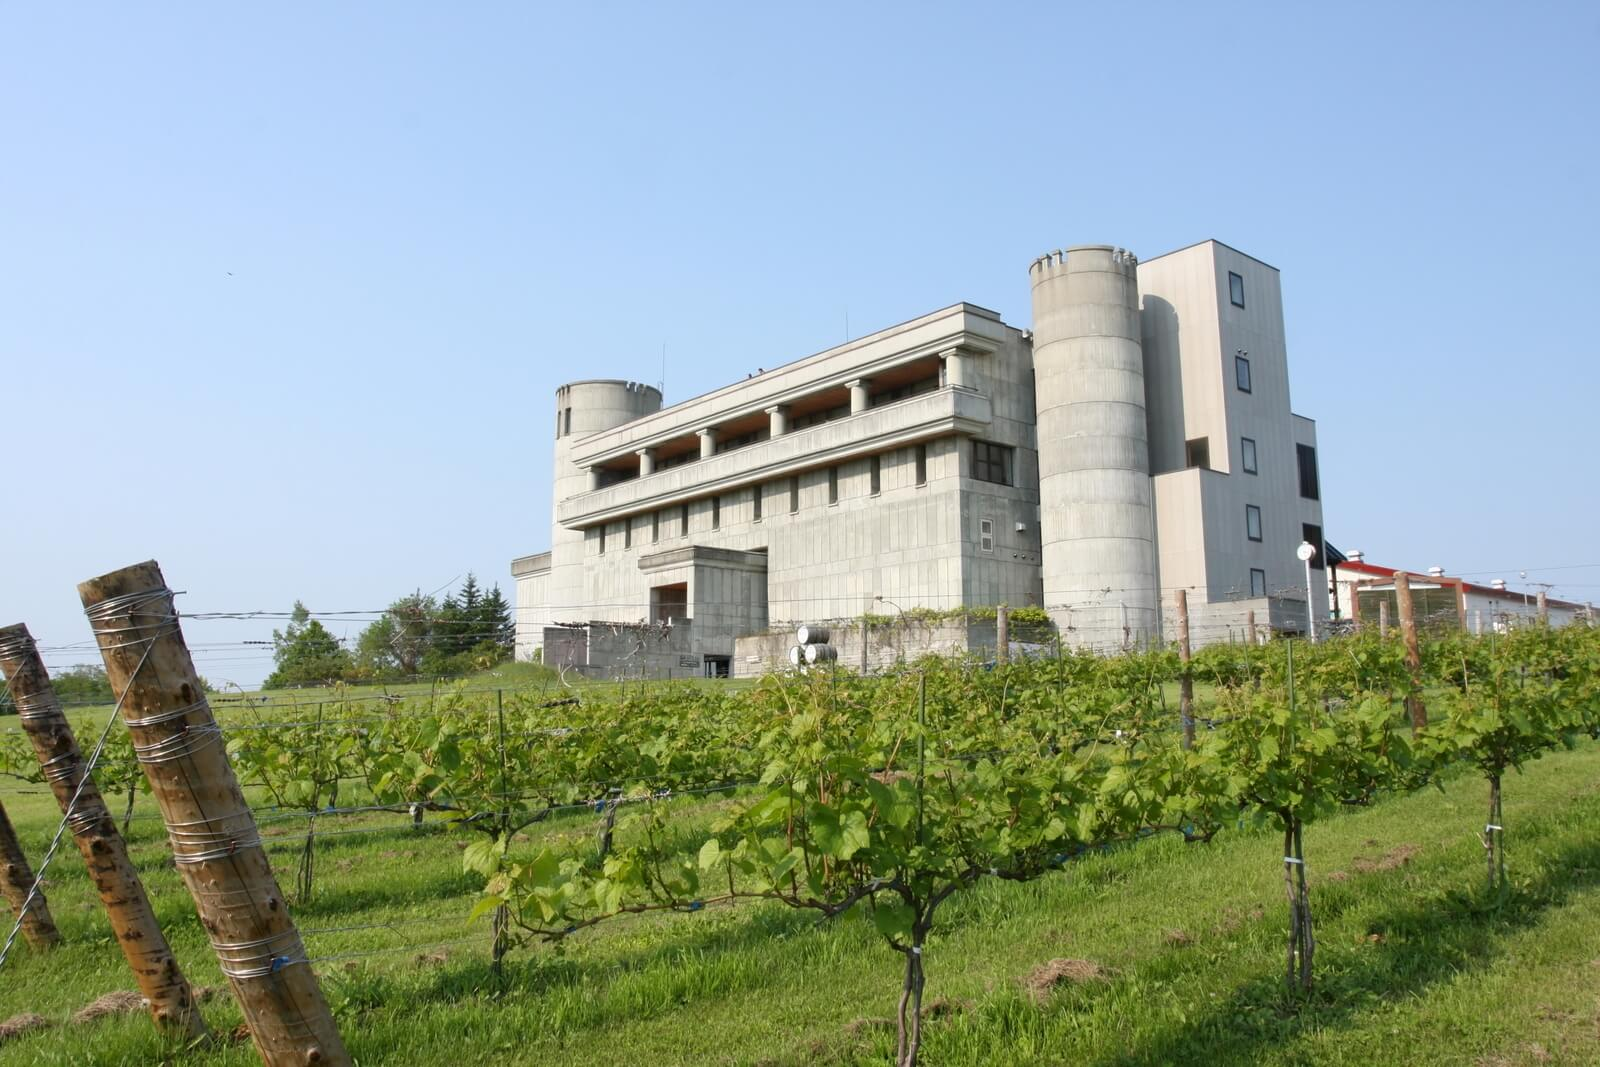 宛如造訪中世紀的歐式城堡:池田町葡萄&葡萄酒研究所(池田葡萄酒城)